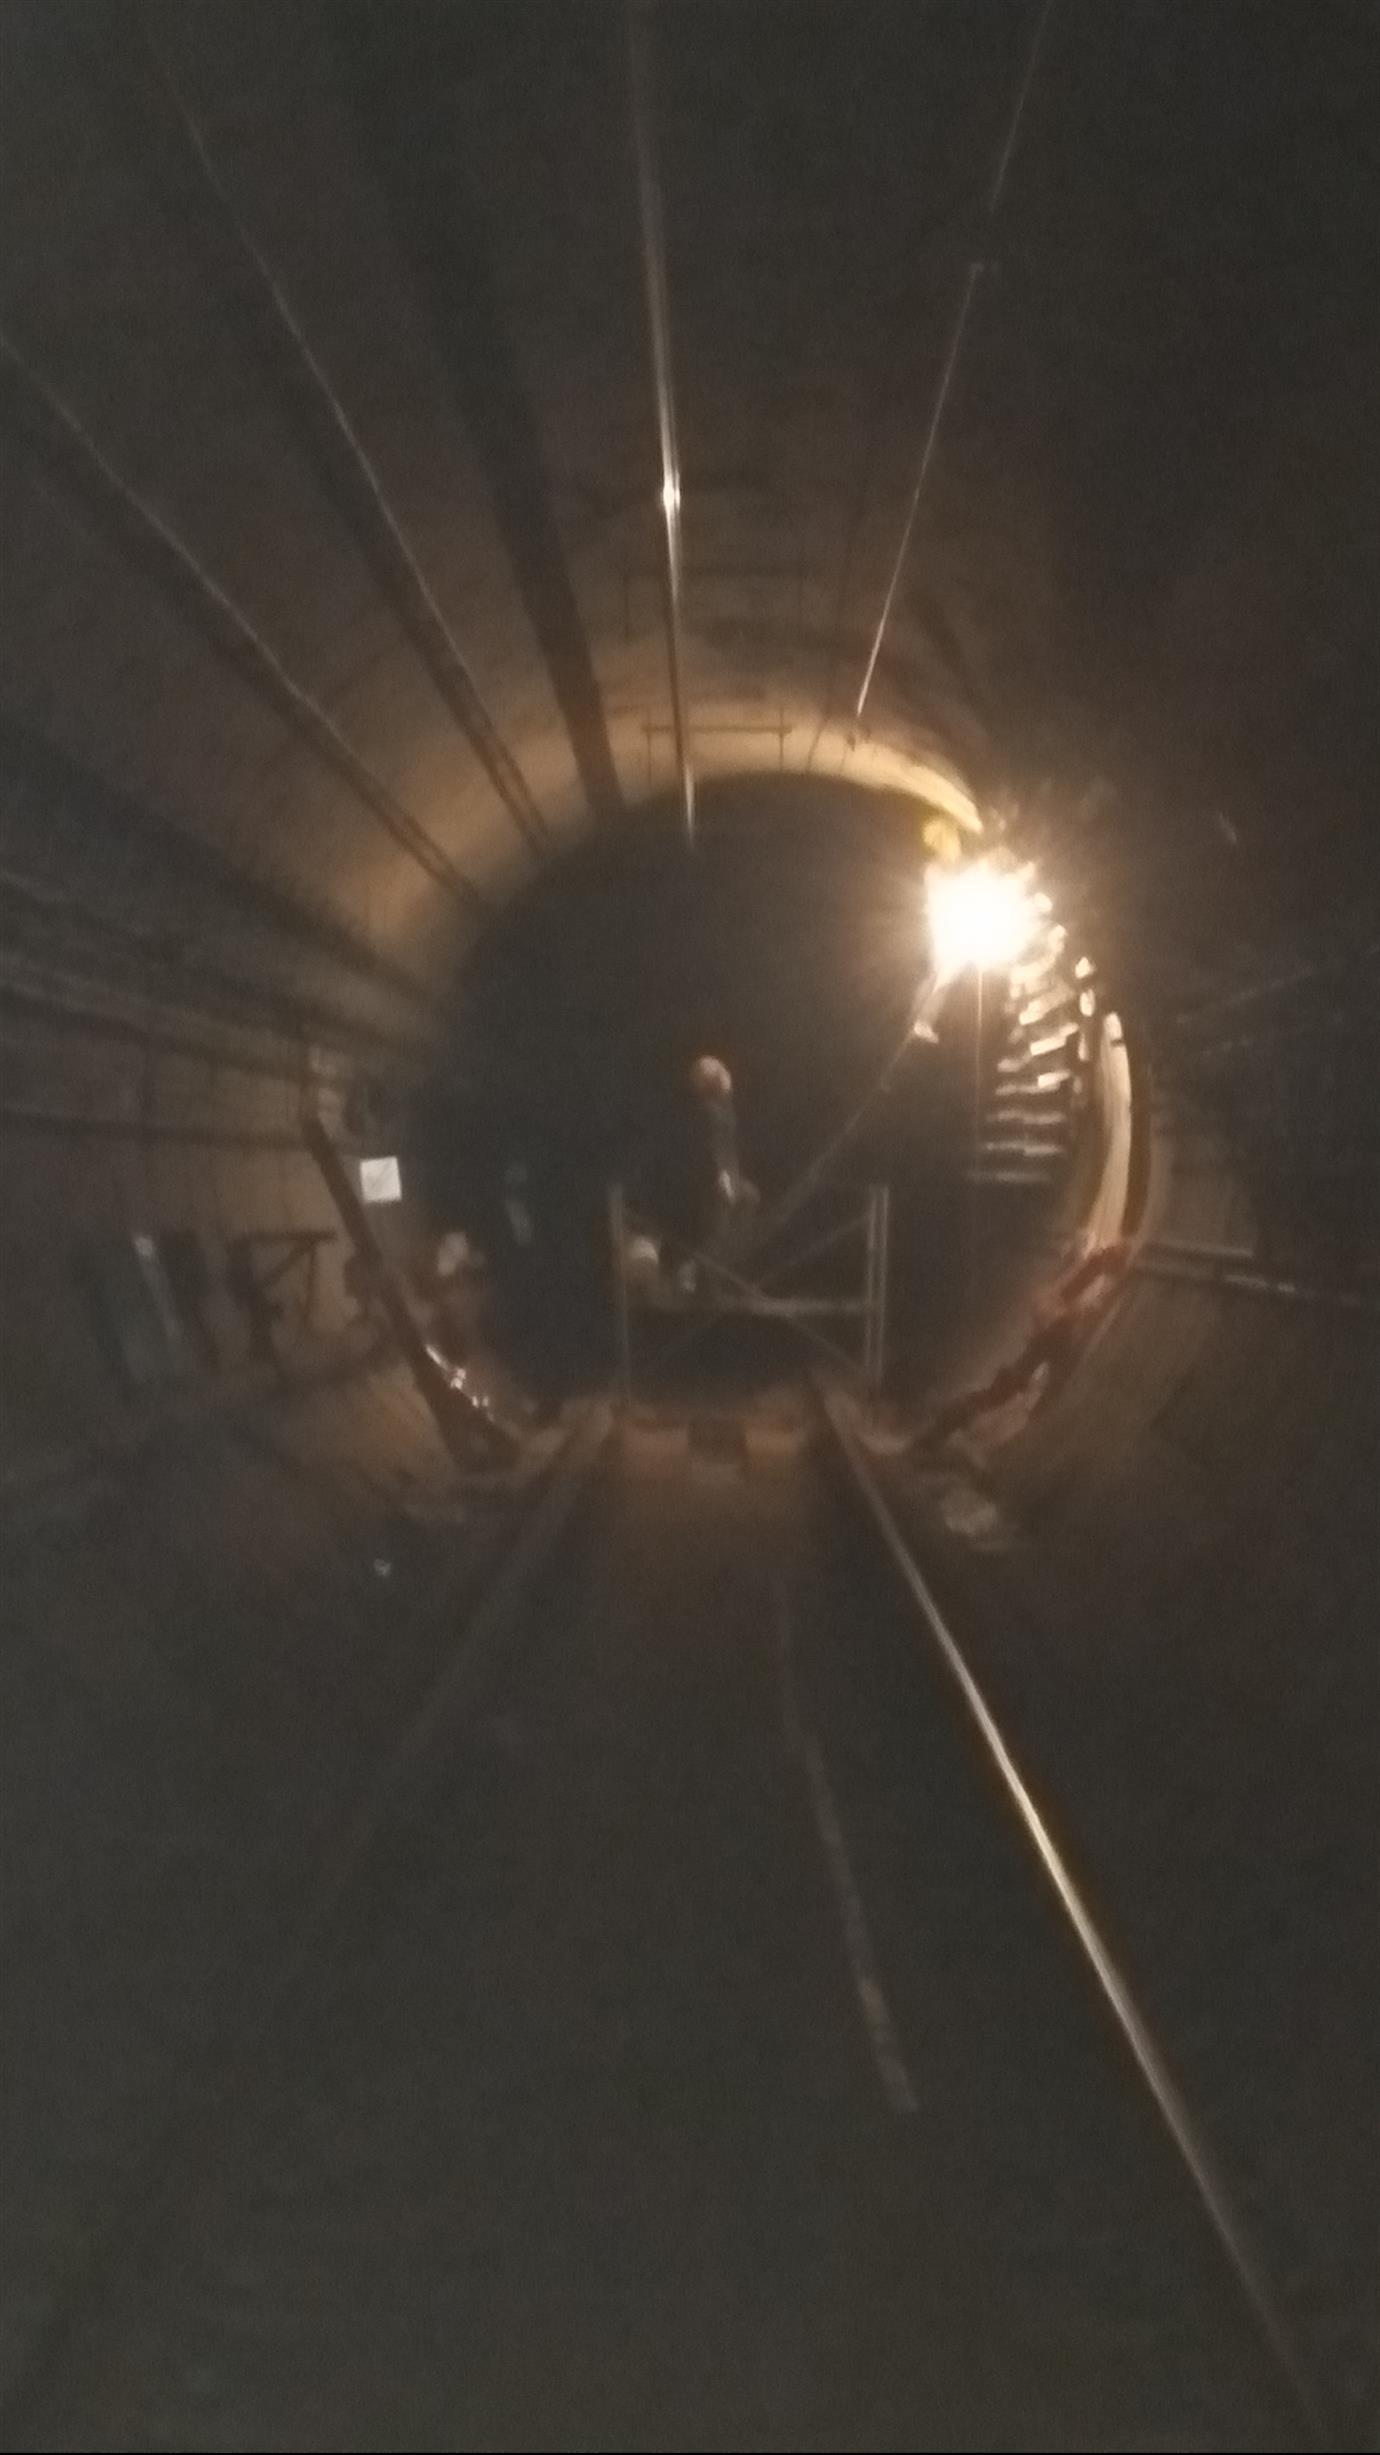 甘肃下穿隧道堵漏